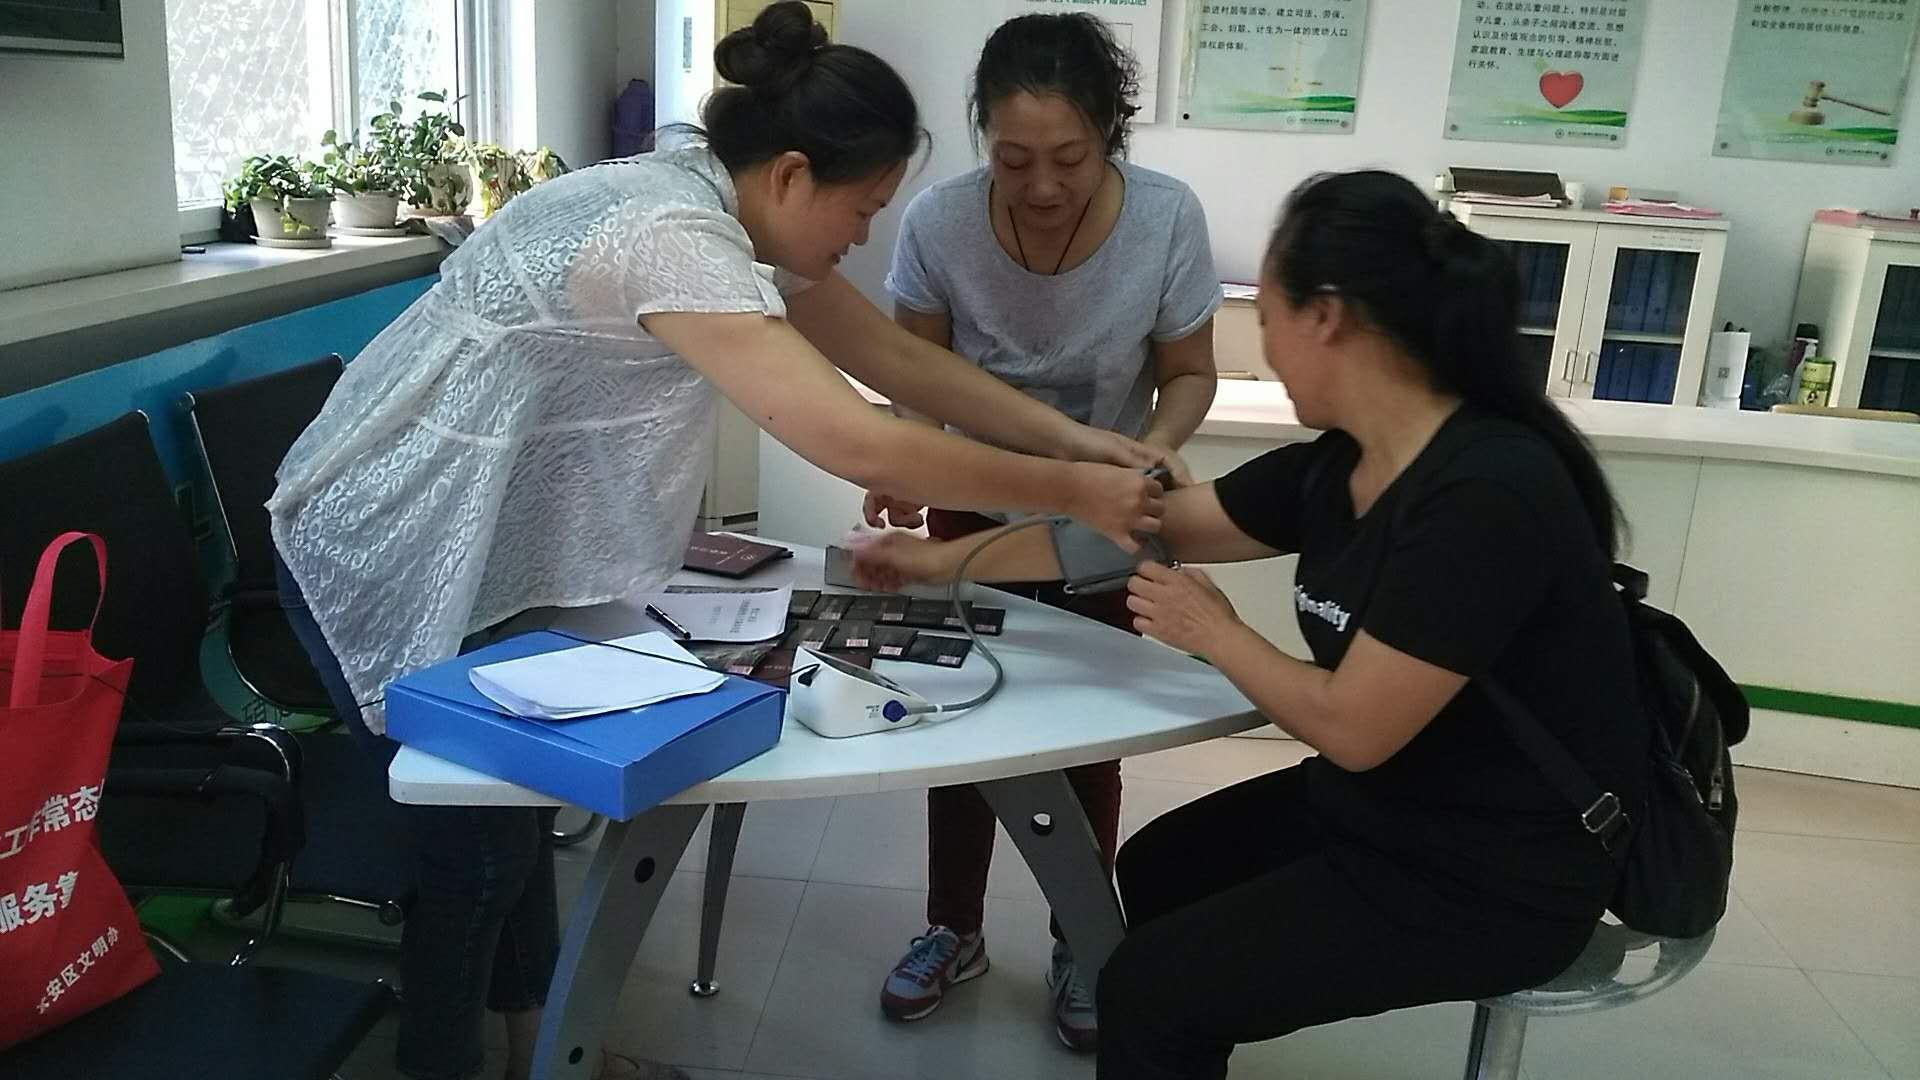 免费测量血压.jpg